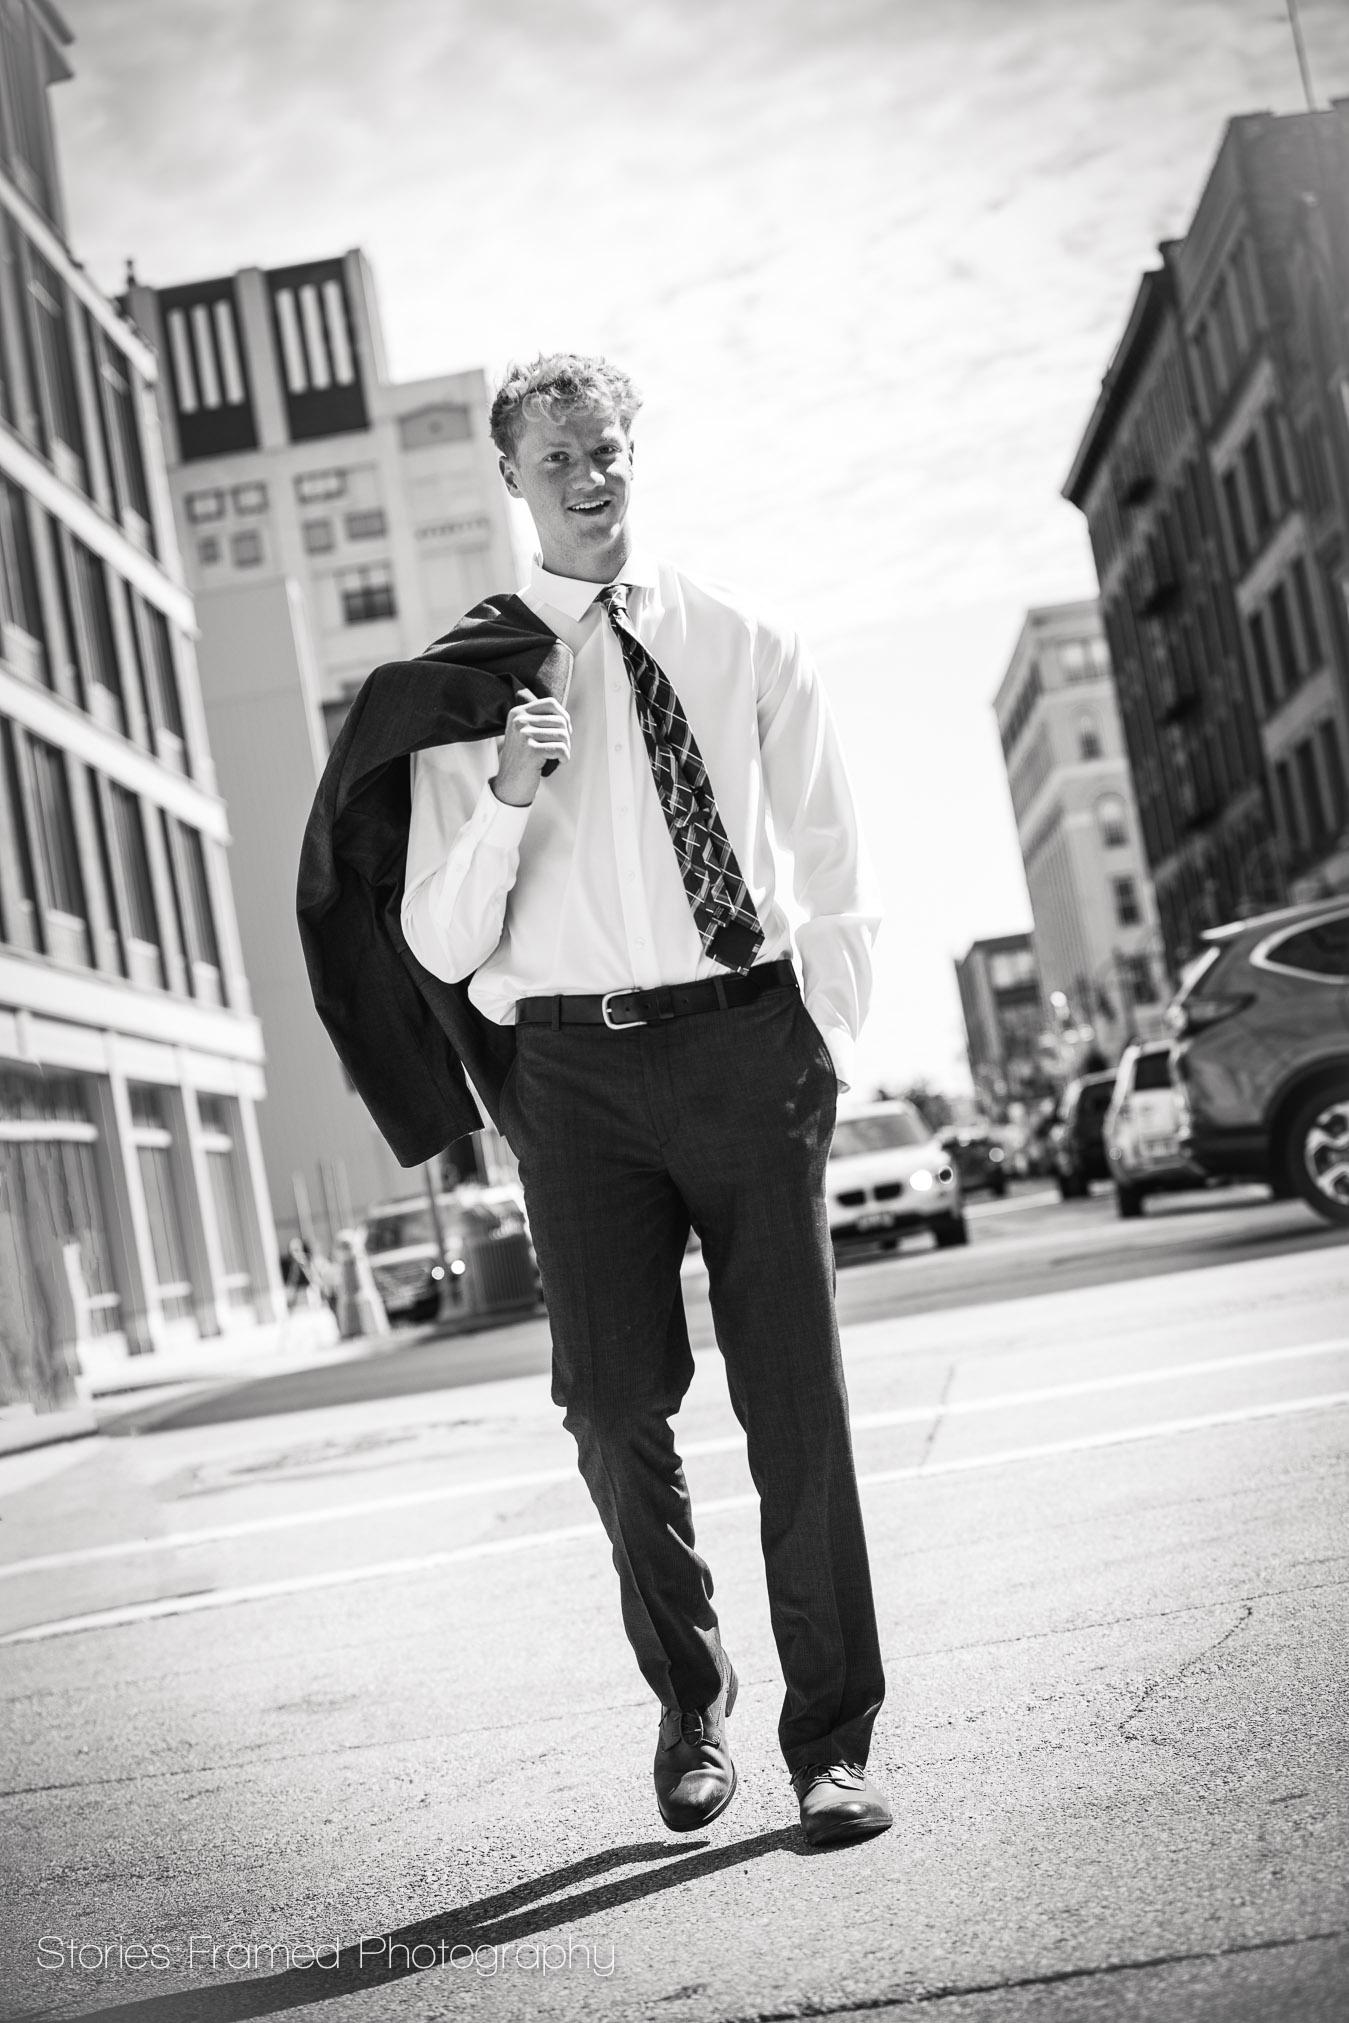 Joe-classof2018-walking-down-city-street-in-MKE